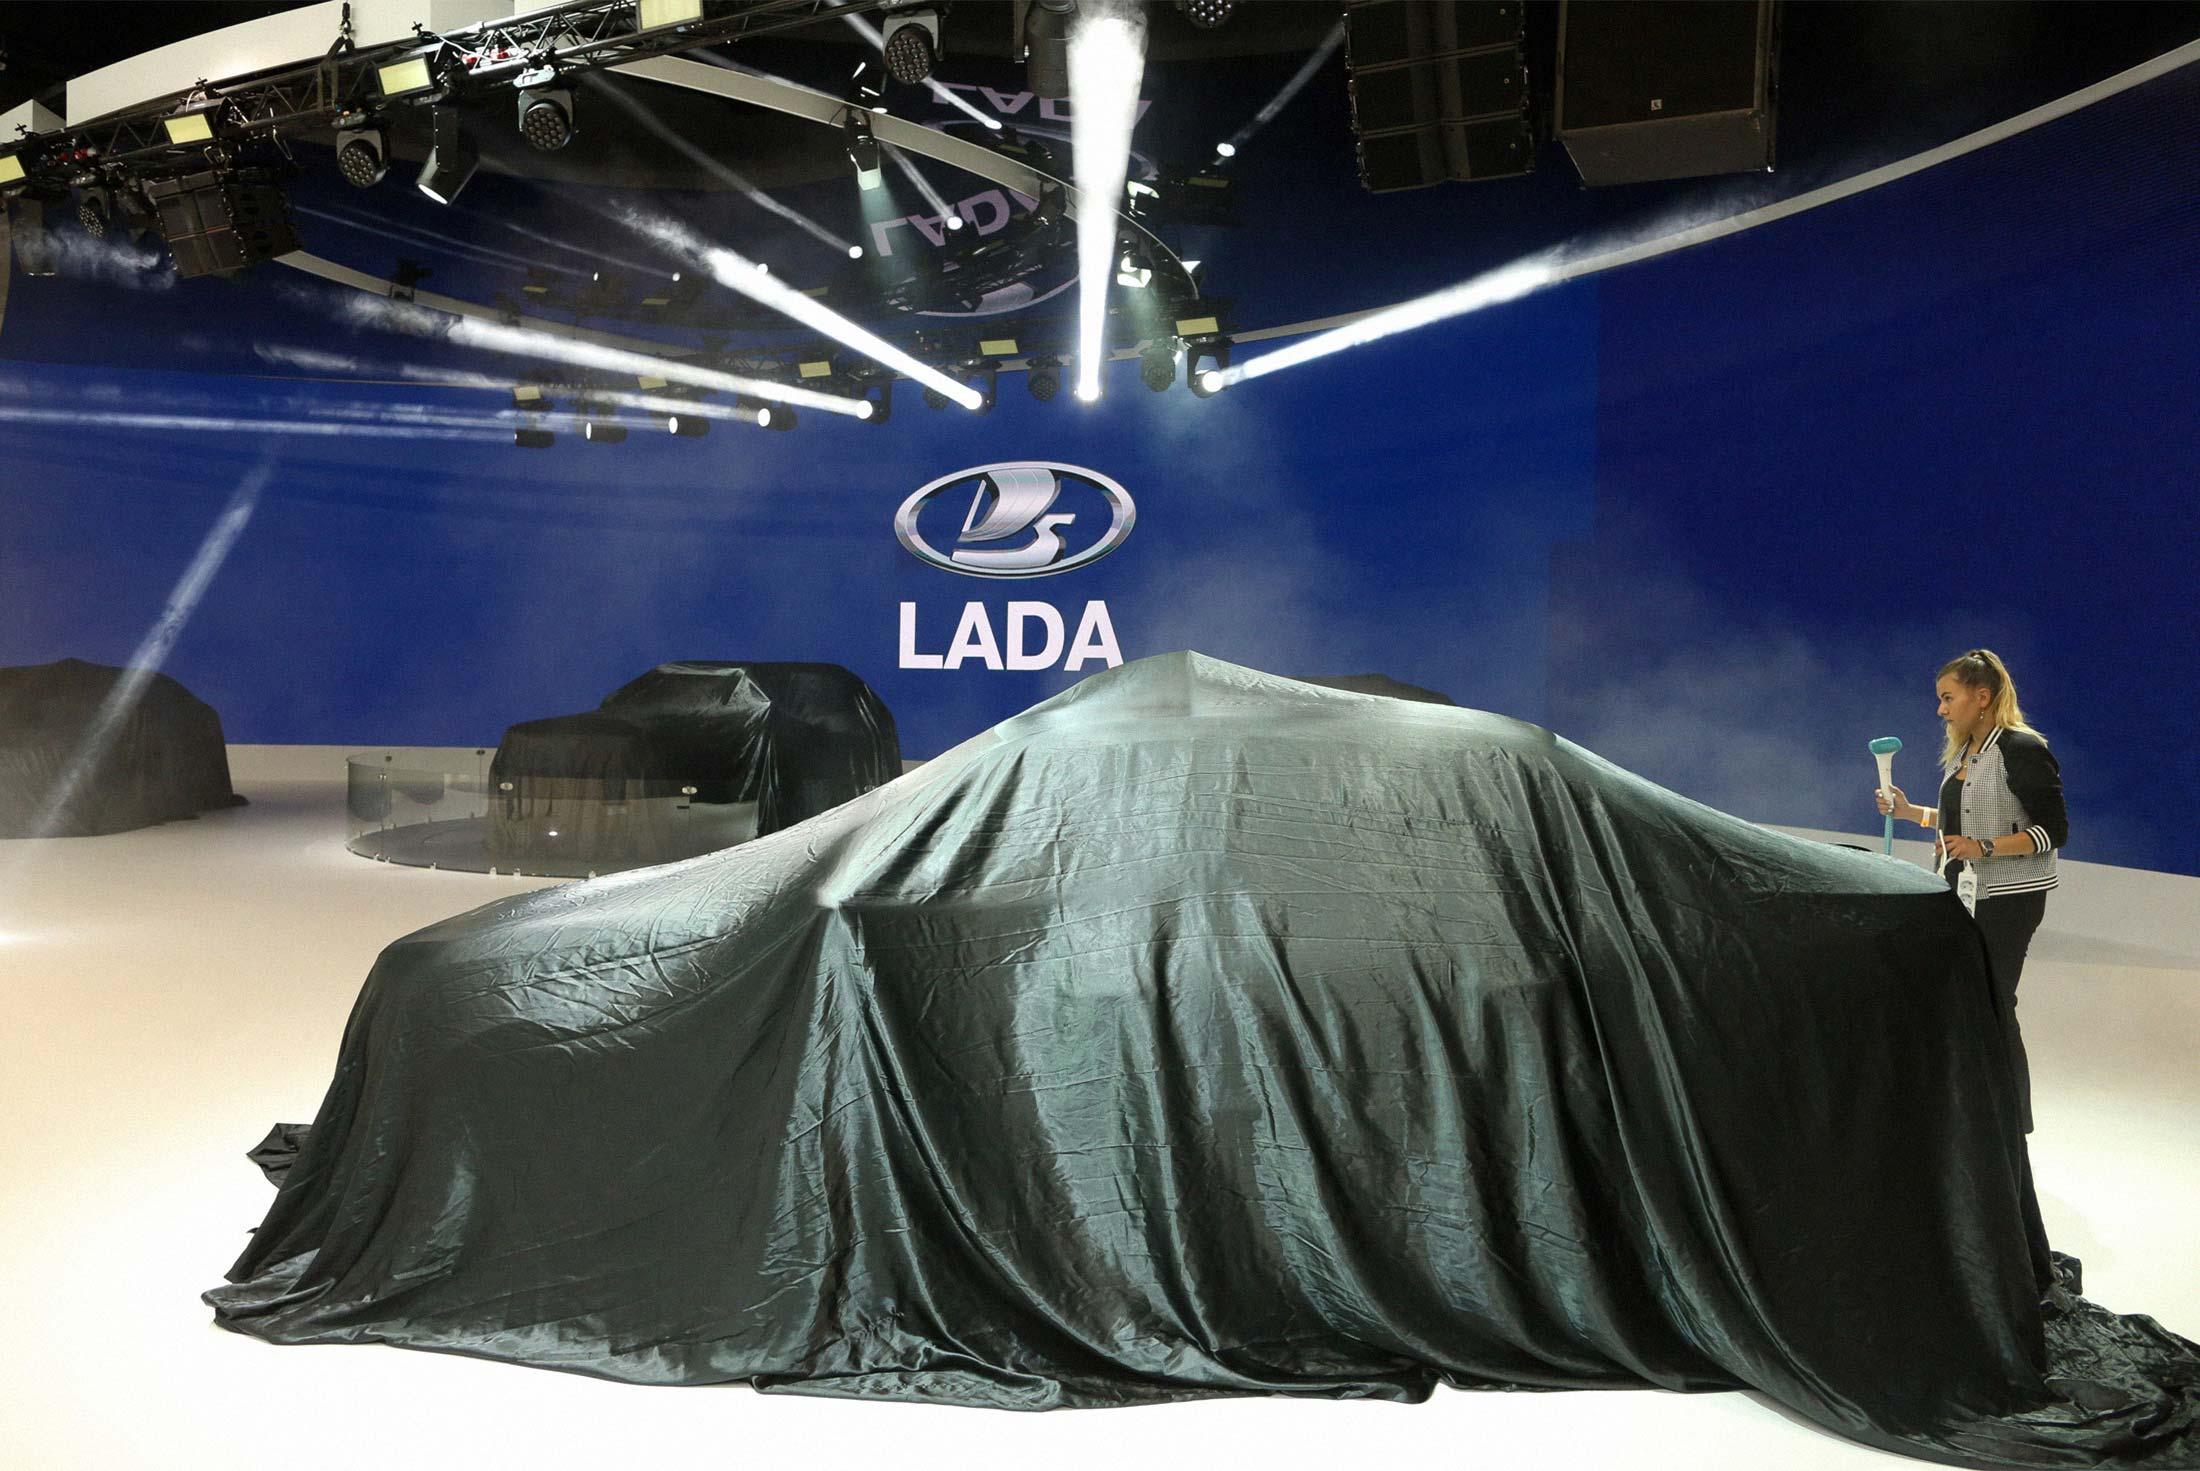 AvtoVAZ is preparing an update for Lada Priora in 2017 68